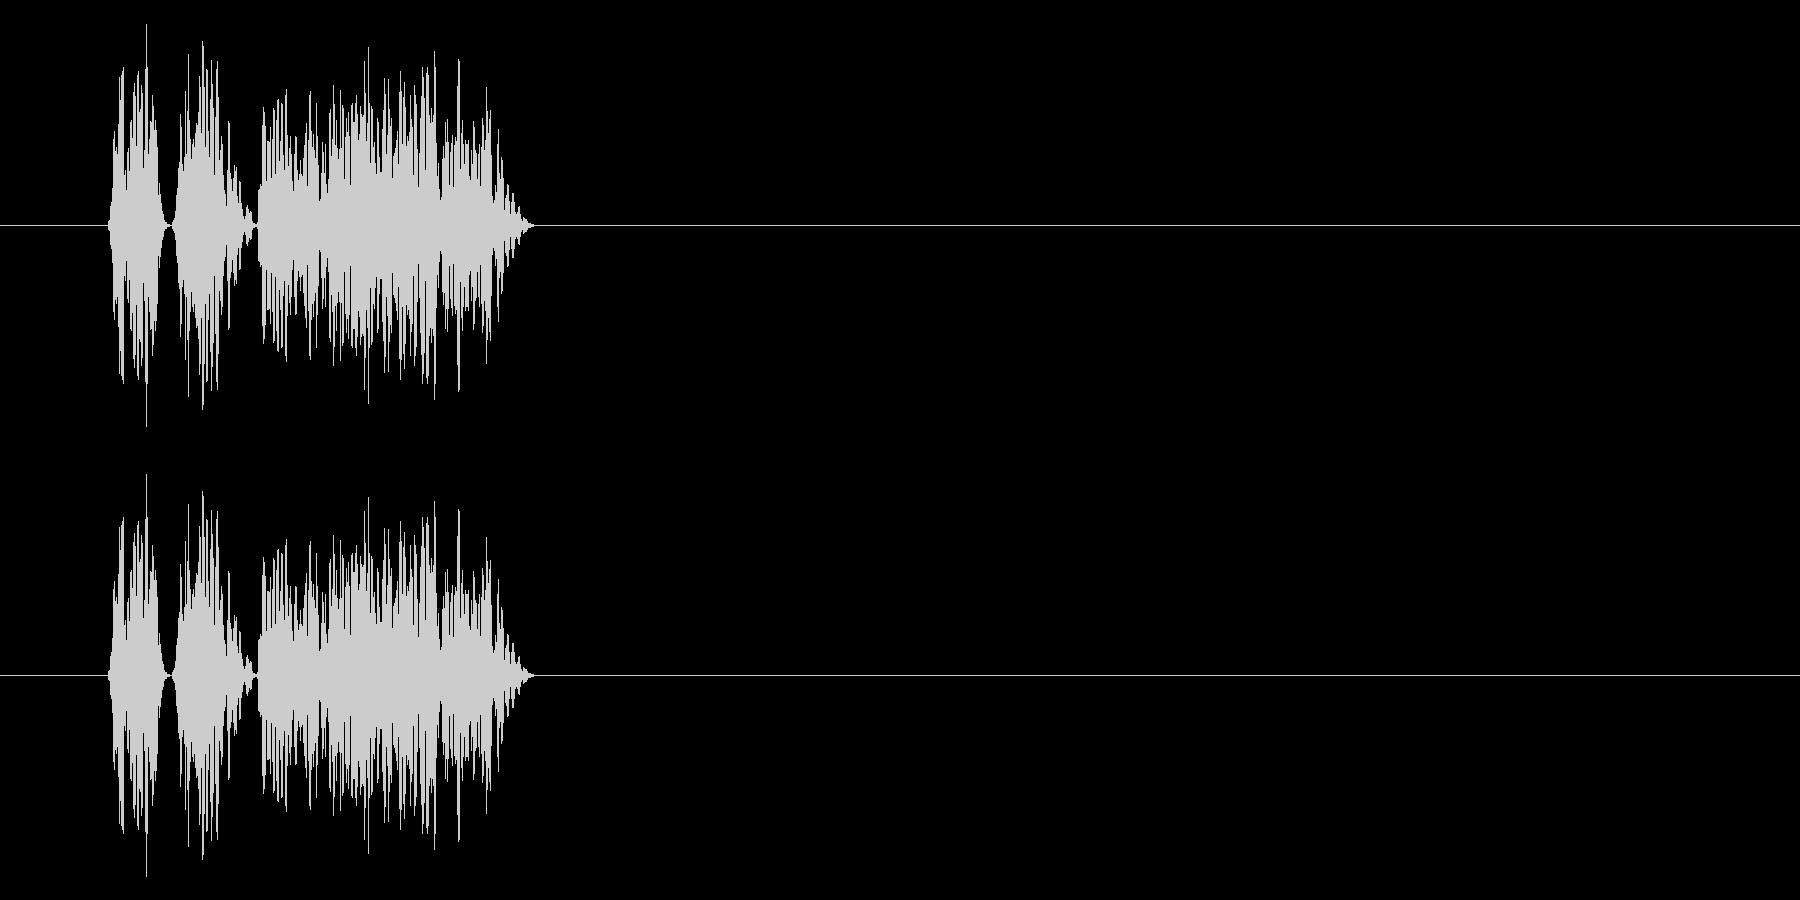 SNES 格闘06-06(ヒット)の未再生の波形